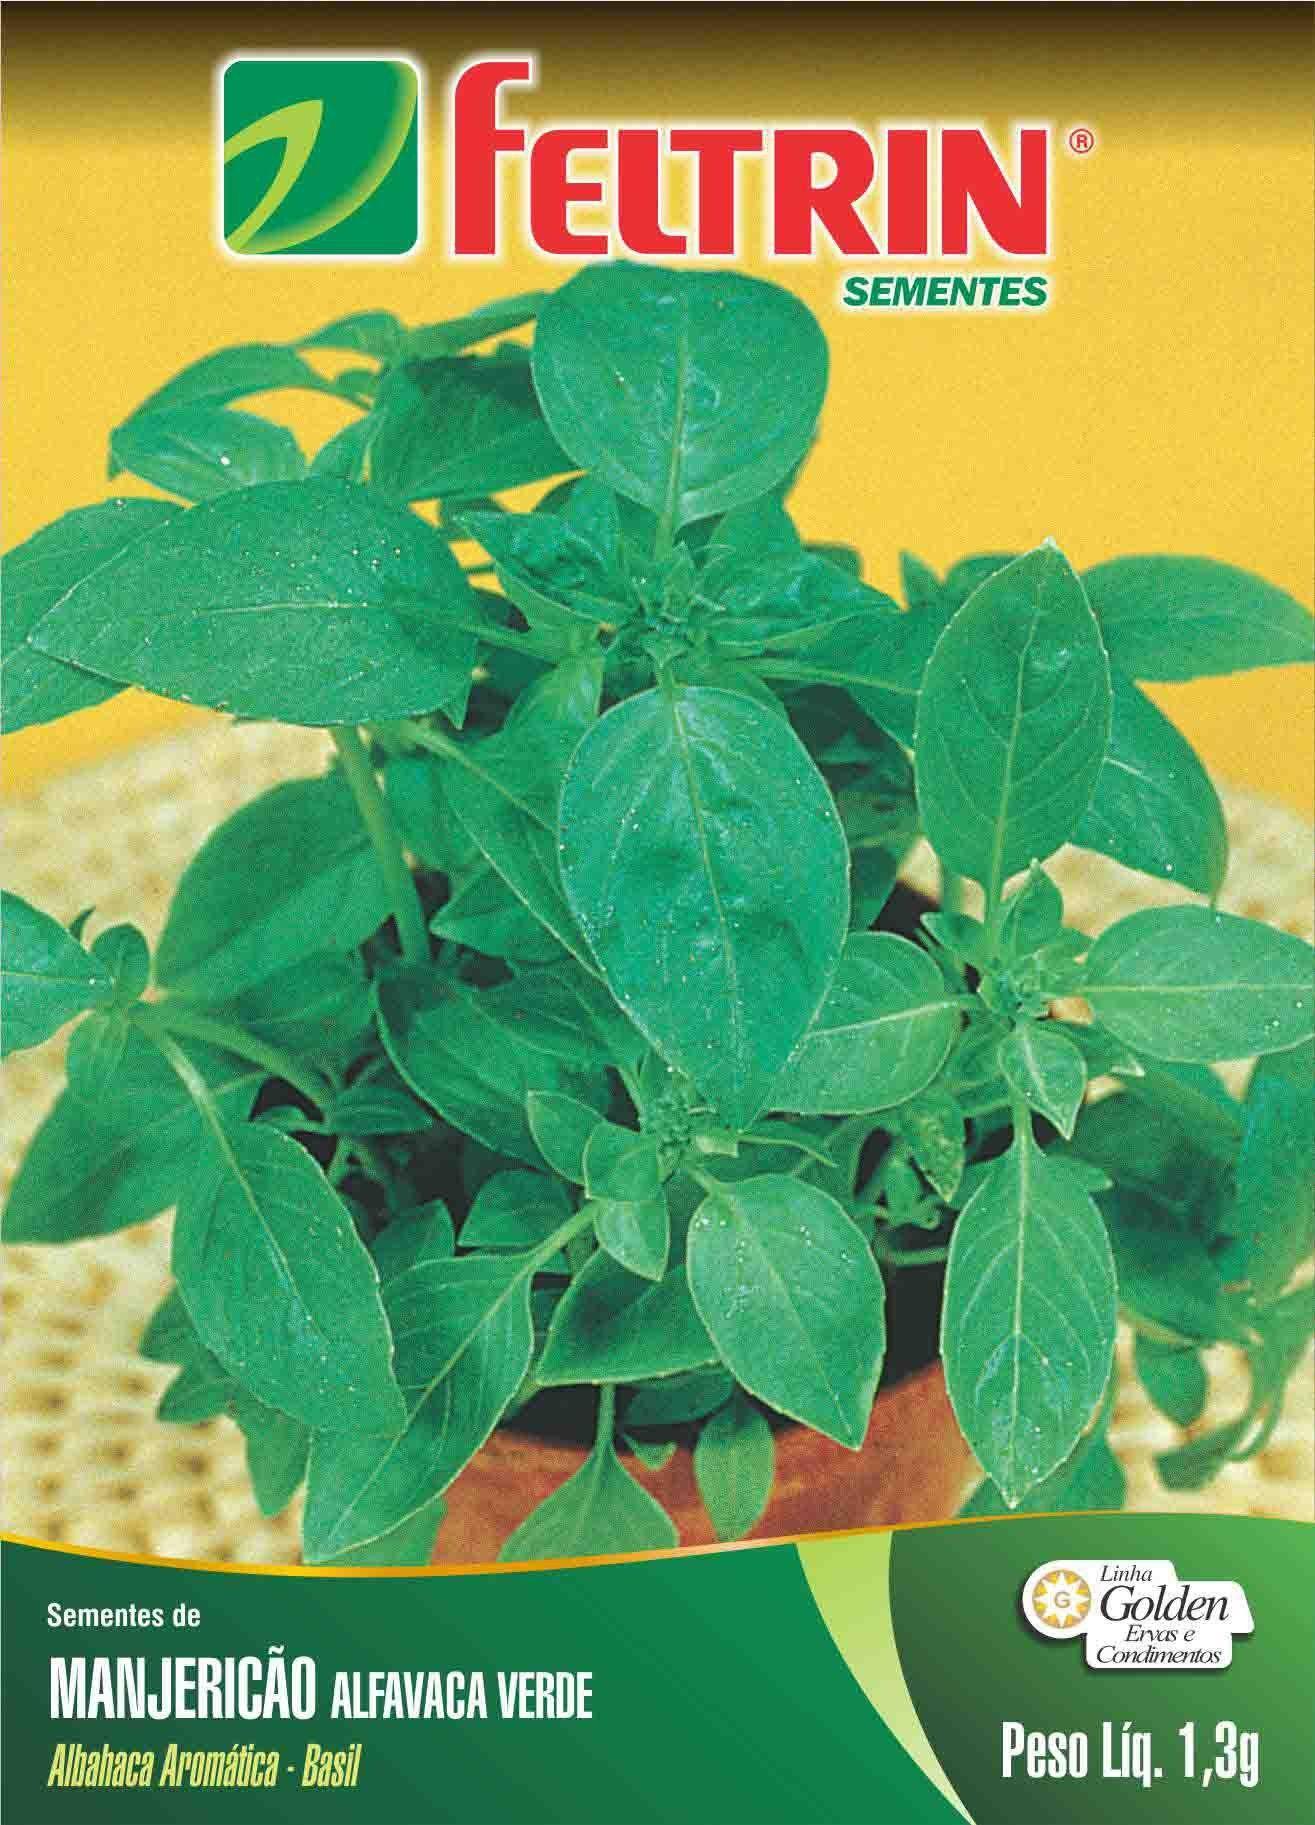 Sementes de Manjericão Alfavaca Verde - Feltrin Linha Golden